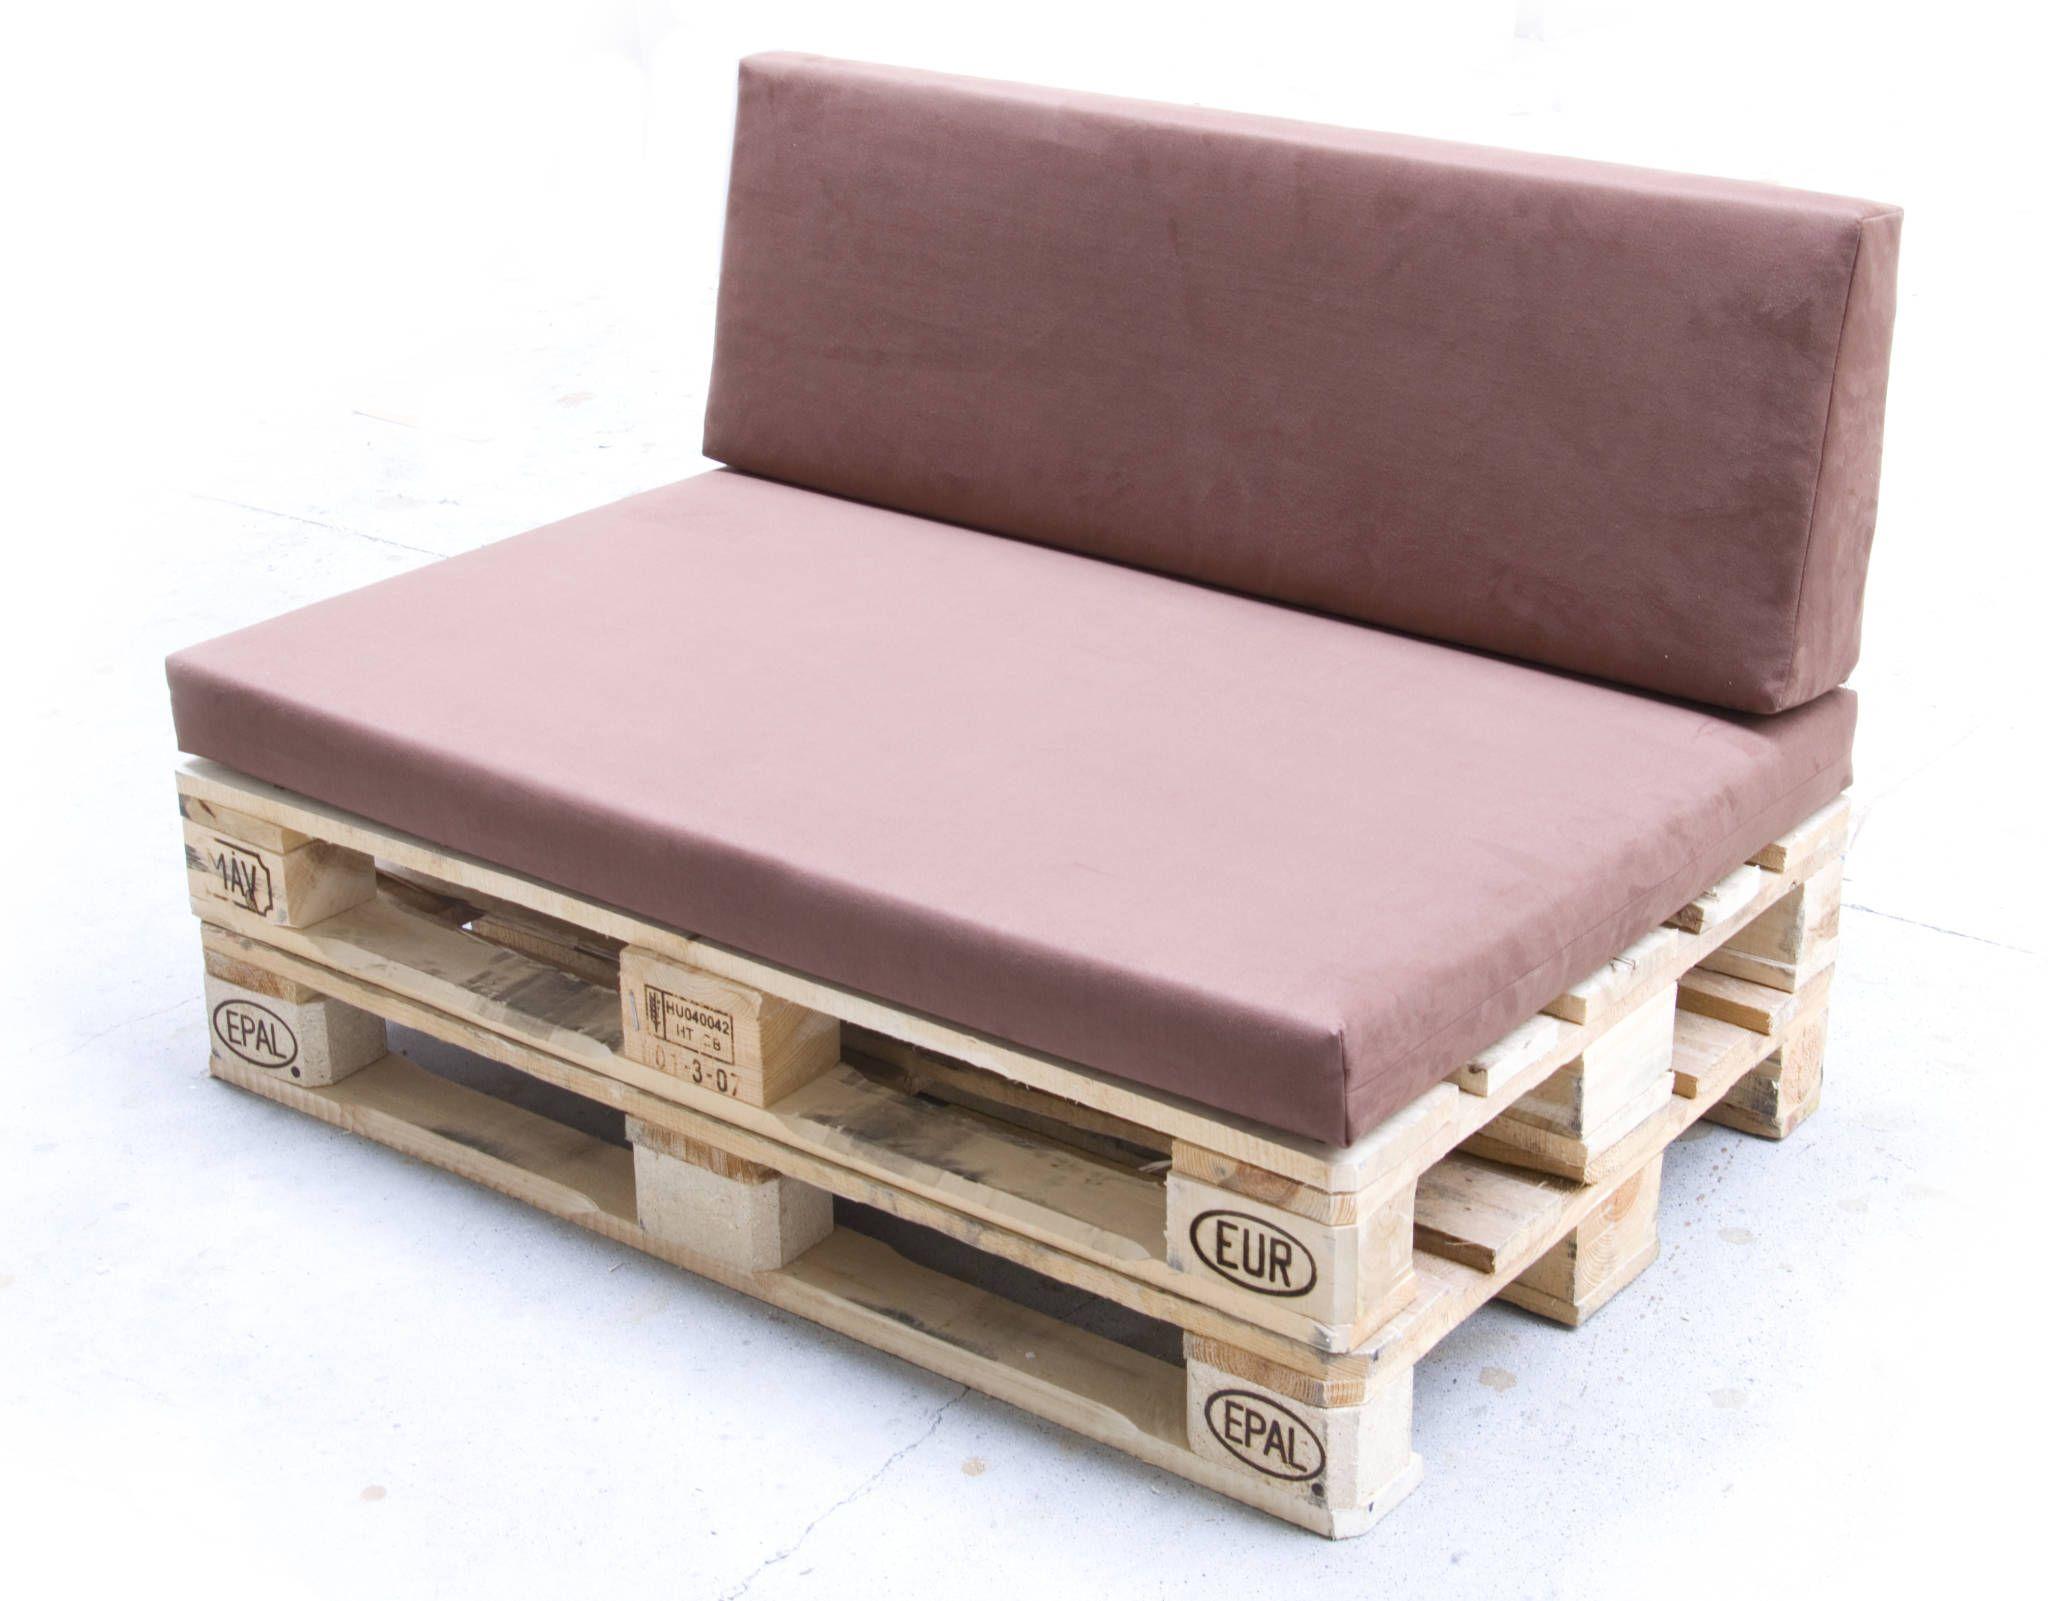 Palettenmöbel Polster paletten-polster kombi sitz&lehne mit bezug: wohnzimmer von iq